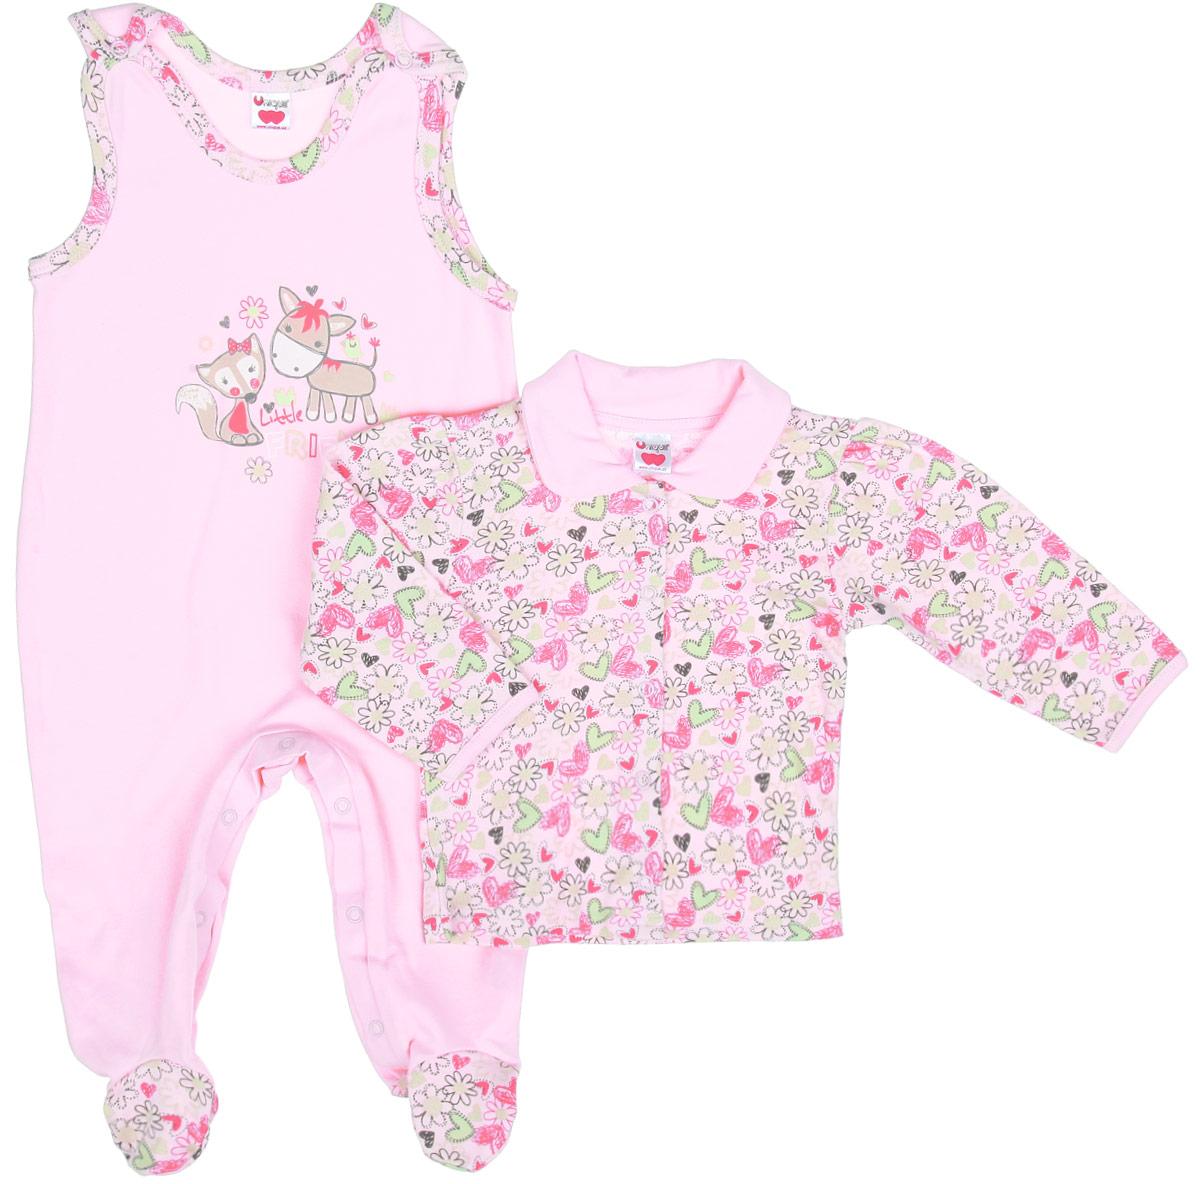 Комплект одеждыU0046_1Комплект одежды для девочки Unigue станет отличным дополнением к гардеробу ребенка. Он включает в себя кофточку и ползунки с грудкой. Комплект, изготовленный из натурального хлопка, легкий, мягкий, не раздражает нежную кожу ребенка и хорошо вентилируется, обеспечивая комфорт. Кофточка с отложным воротником и длинными рукавами застегивается спереди на металлические кнопки, что позволит легко переодеть младенца. Ползунки сверху застегиваются на две металлические кнопки, а также имеют застежки-кнопки на ластовице, что помогает при переодевании ребенка. Вырез горловины и проймы оформлены окантовкой. Комплект полностью соответствует особенностям жизни младенца в ранний период, не стесняя и не ограничивая его в движениях. В нем ваш ребенок всегда будет в центре внимания!